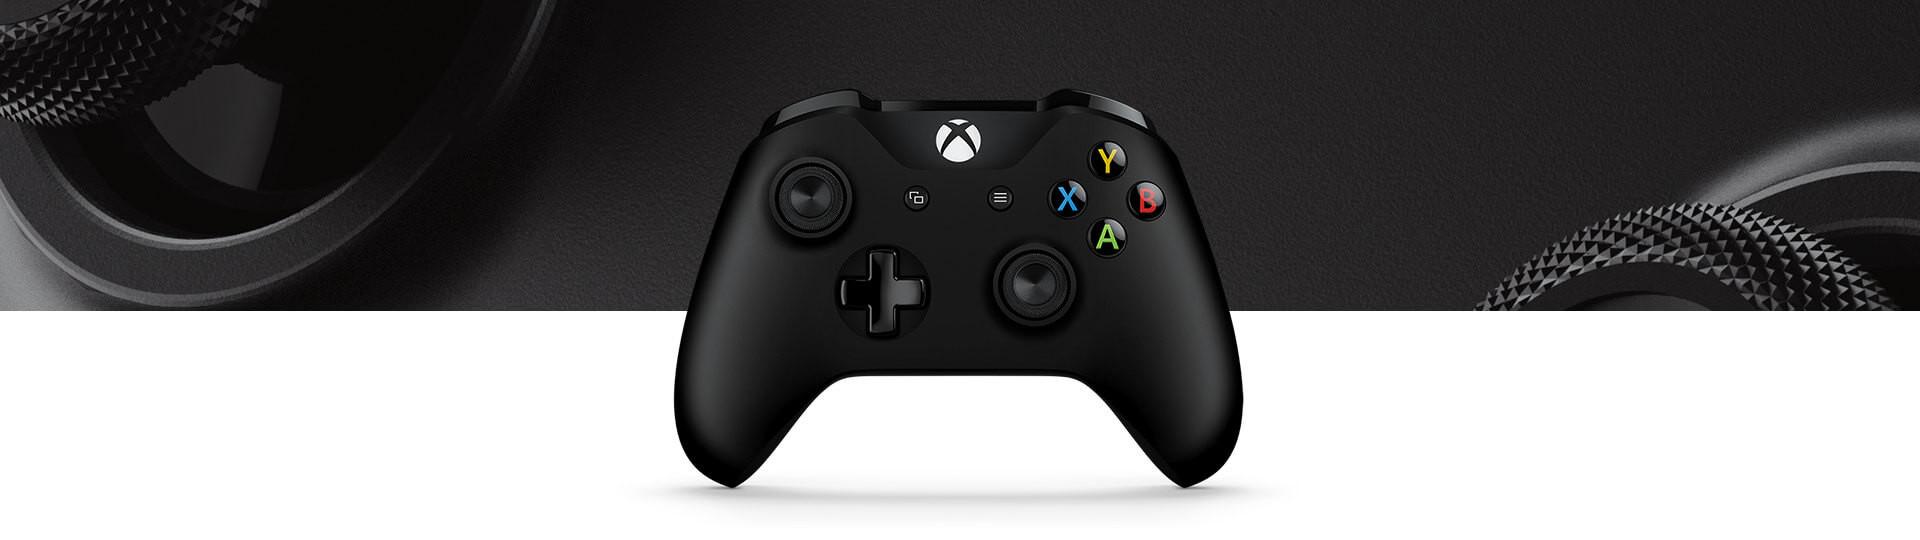 microsoft xbox one s wireless controller black 7 1 - دسته بازی Xbox One S - مشکی